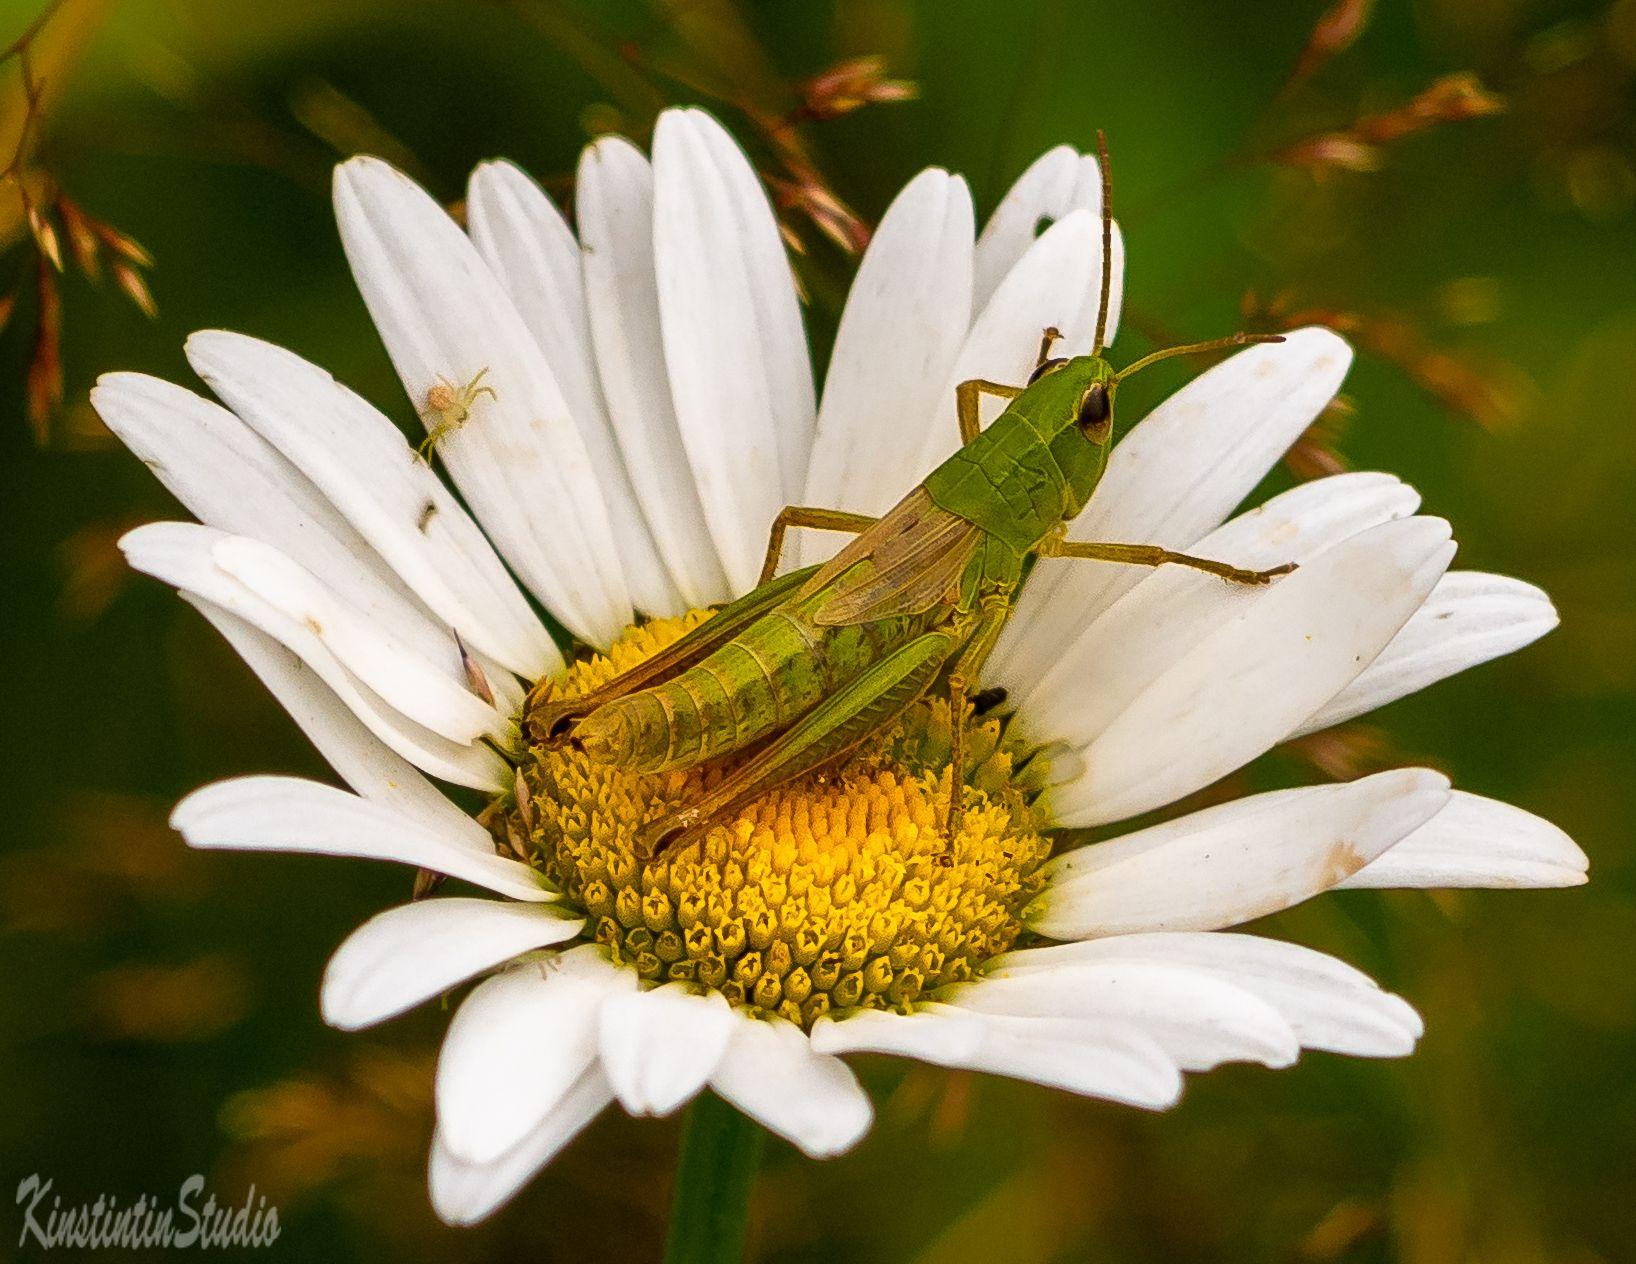 ***Ромашка...Кузнечик и...паучок!*** ромашка паук кузнечик лето июль